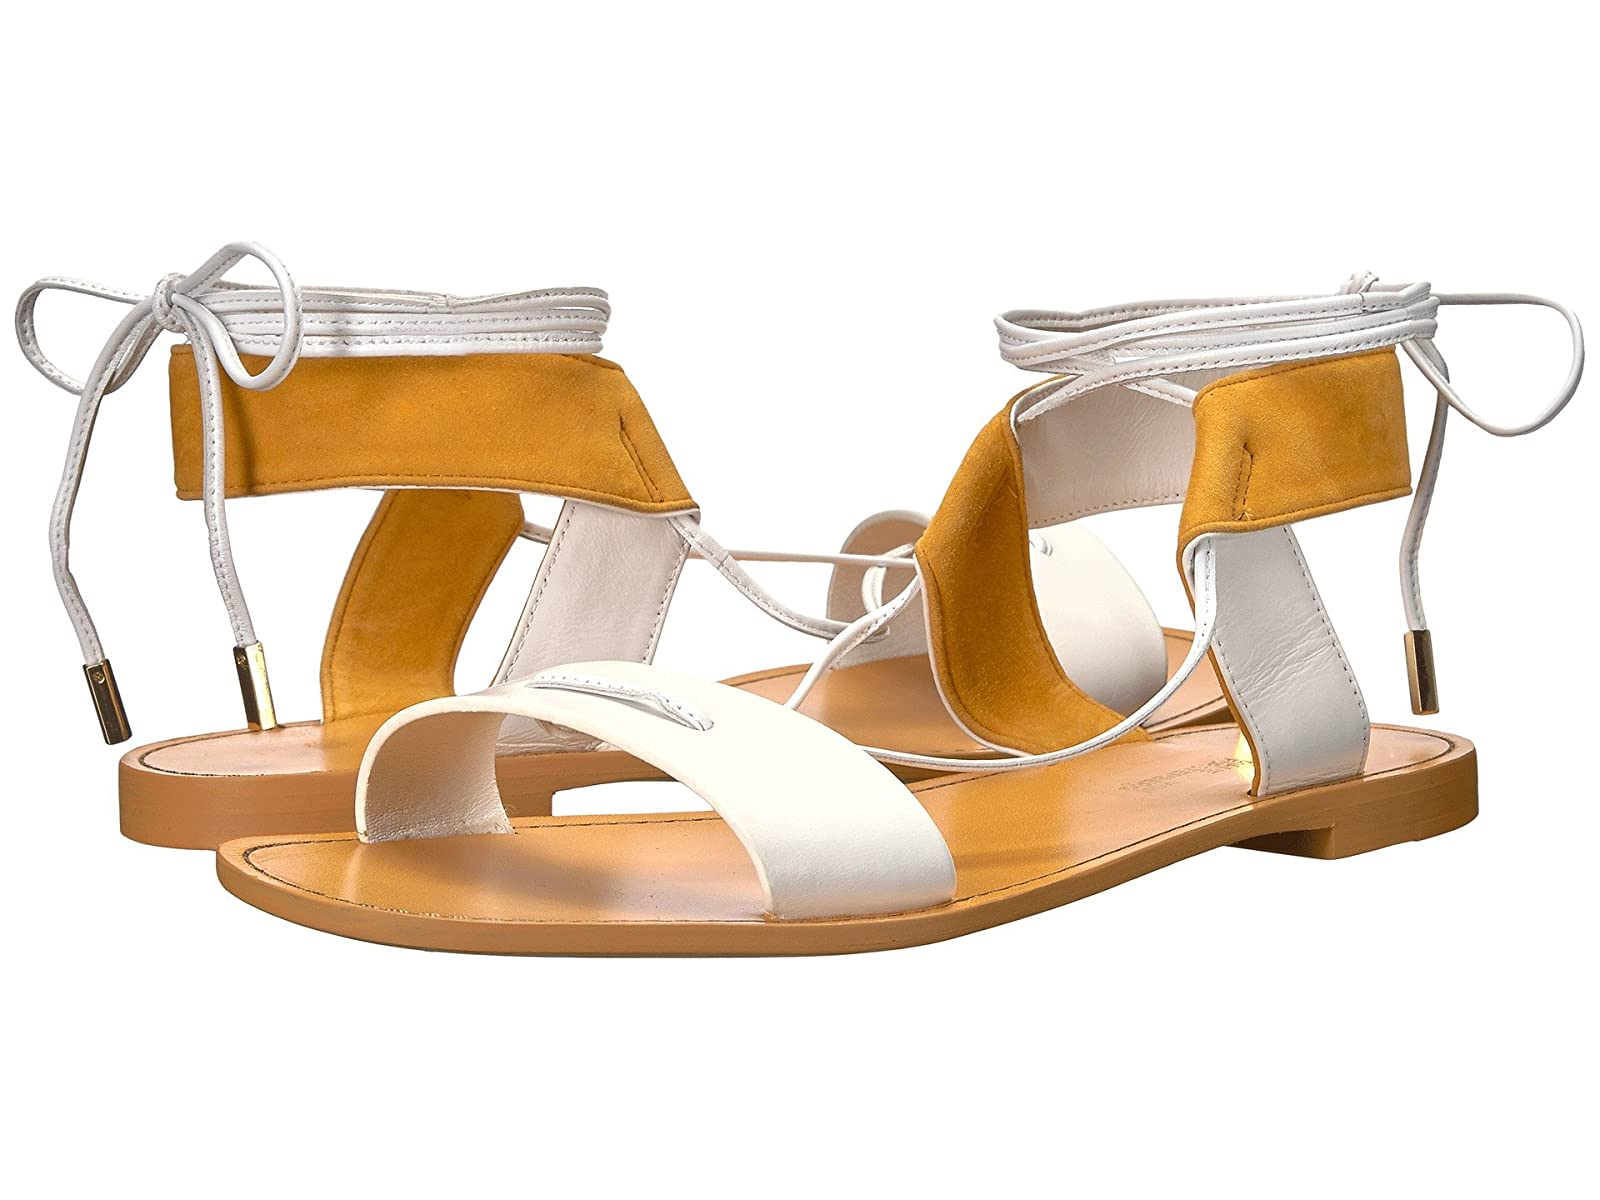 Diane von Furstenberg EstoniaCheap and distinctive eye-catching shoes